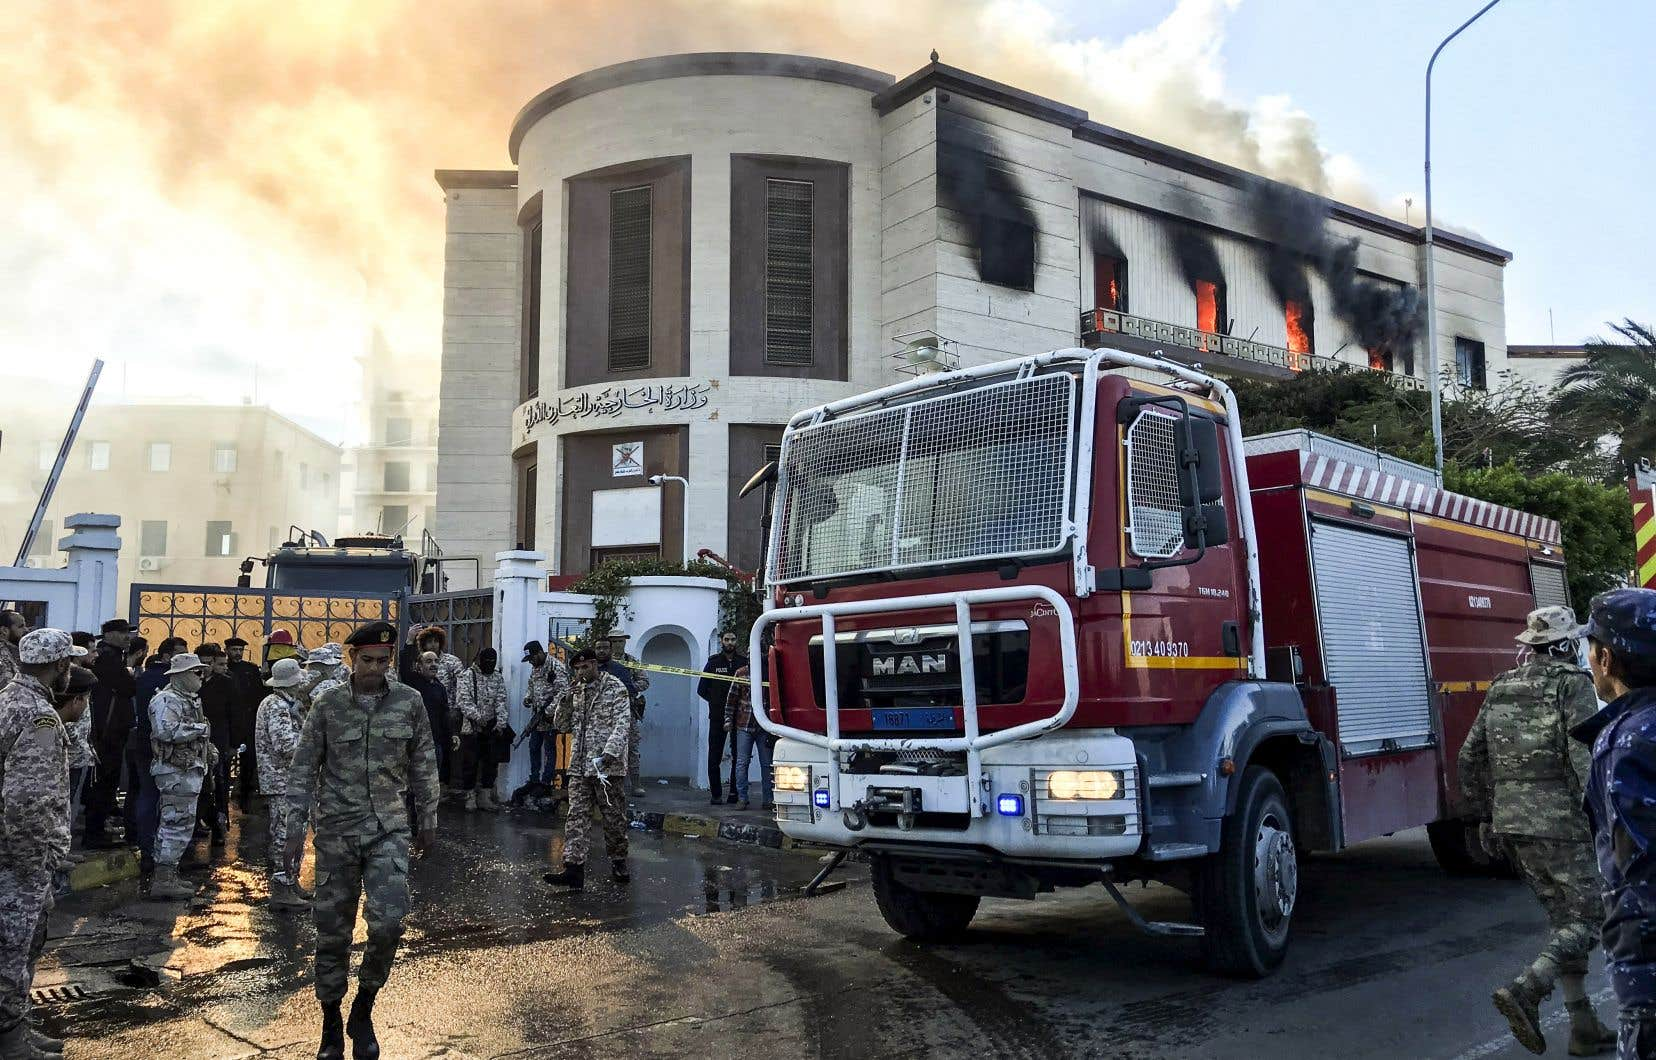 Des pompiers et des soldats sont sur les lieux de l'attaque contre le ministère des Affaires étrangères à Tripoli, mardi.